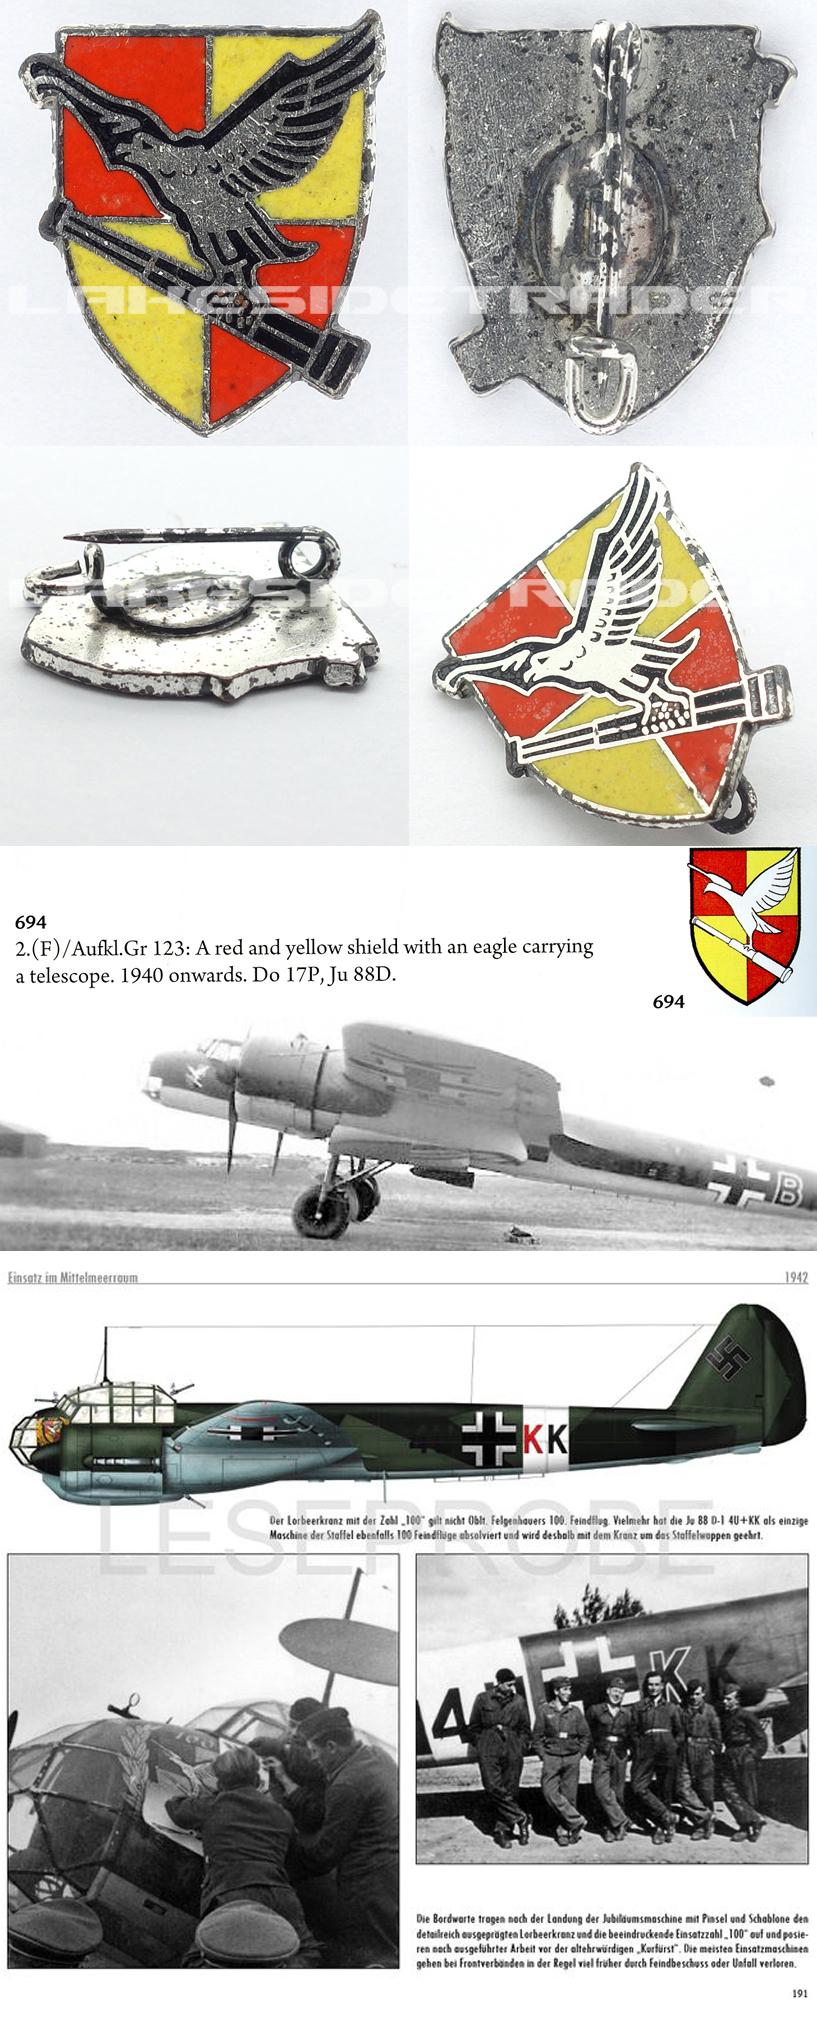 Luftwaffe 2.(F) AusfklGr 123 Division Badge